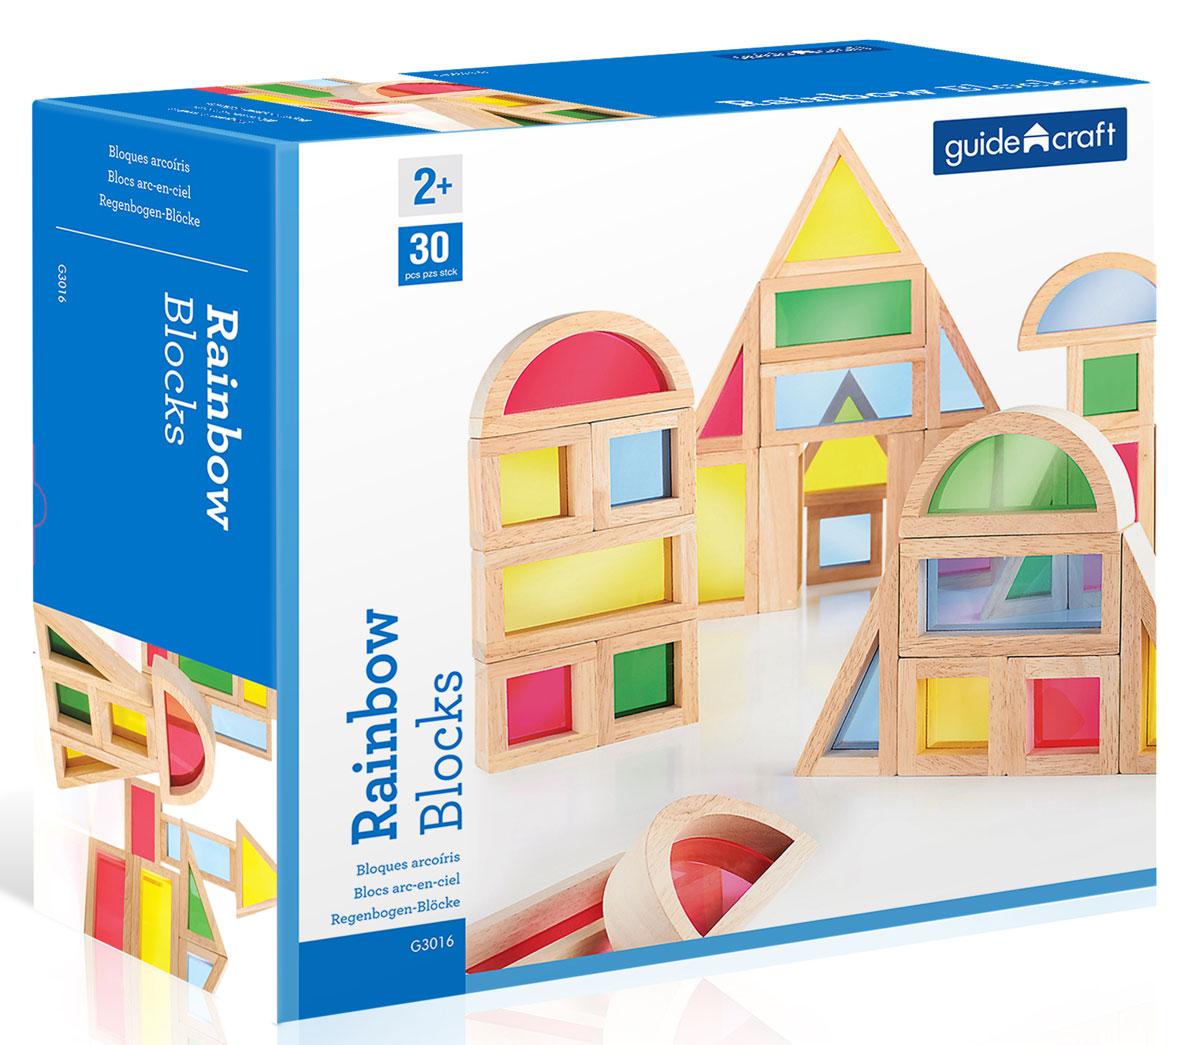 GuideCraft Конструктор деревянный Rainbow Blocks G3016 сортеры guidecraft сортер пирамидка stacking rainbow pyramid радужные блоки